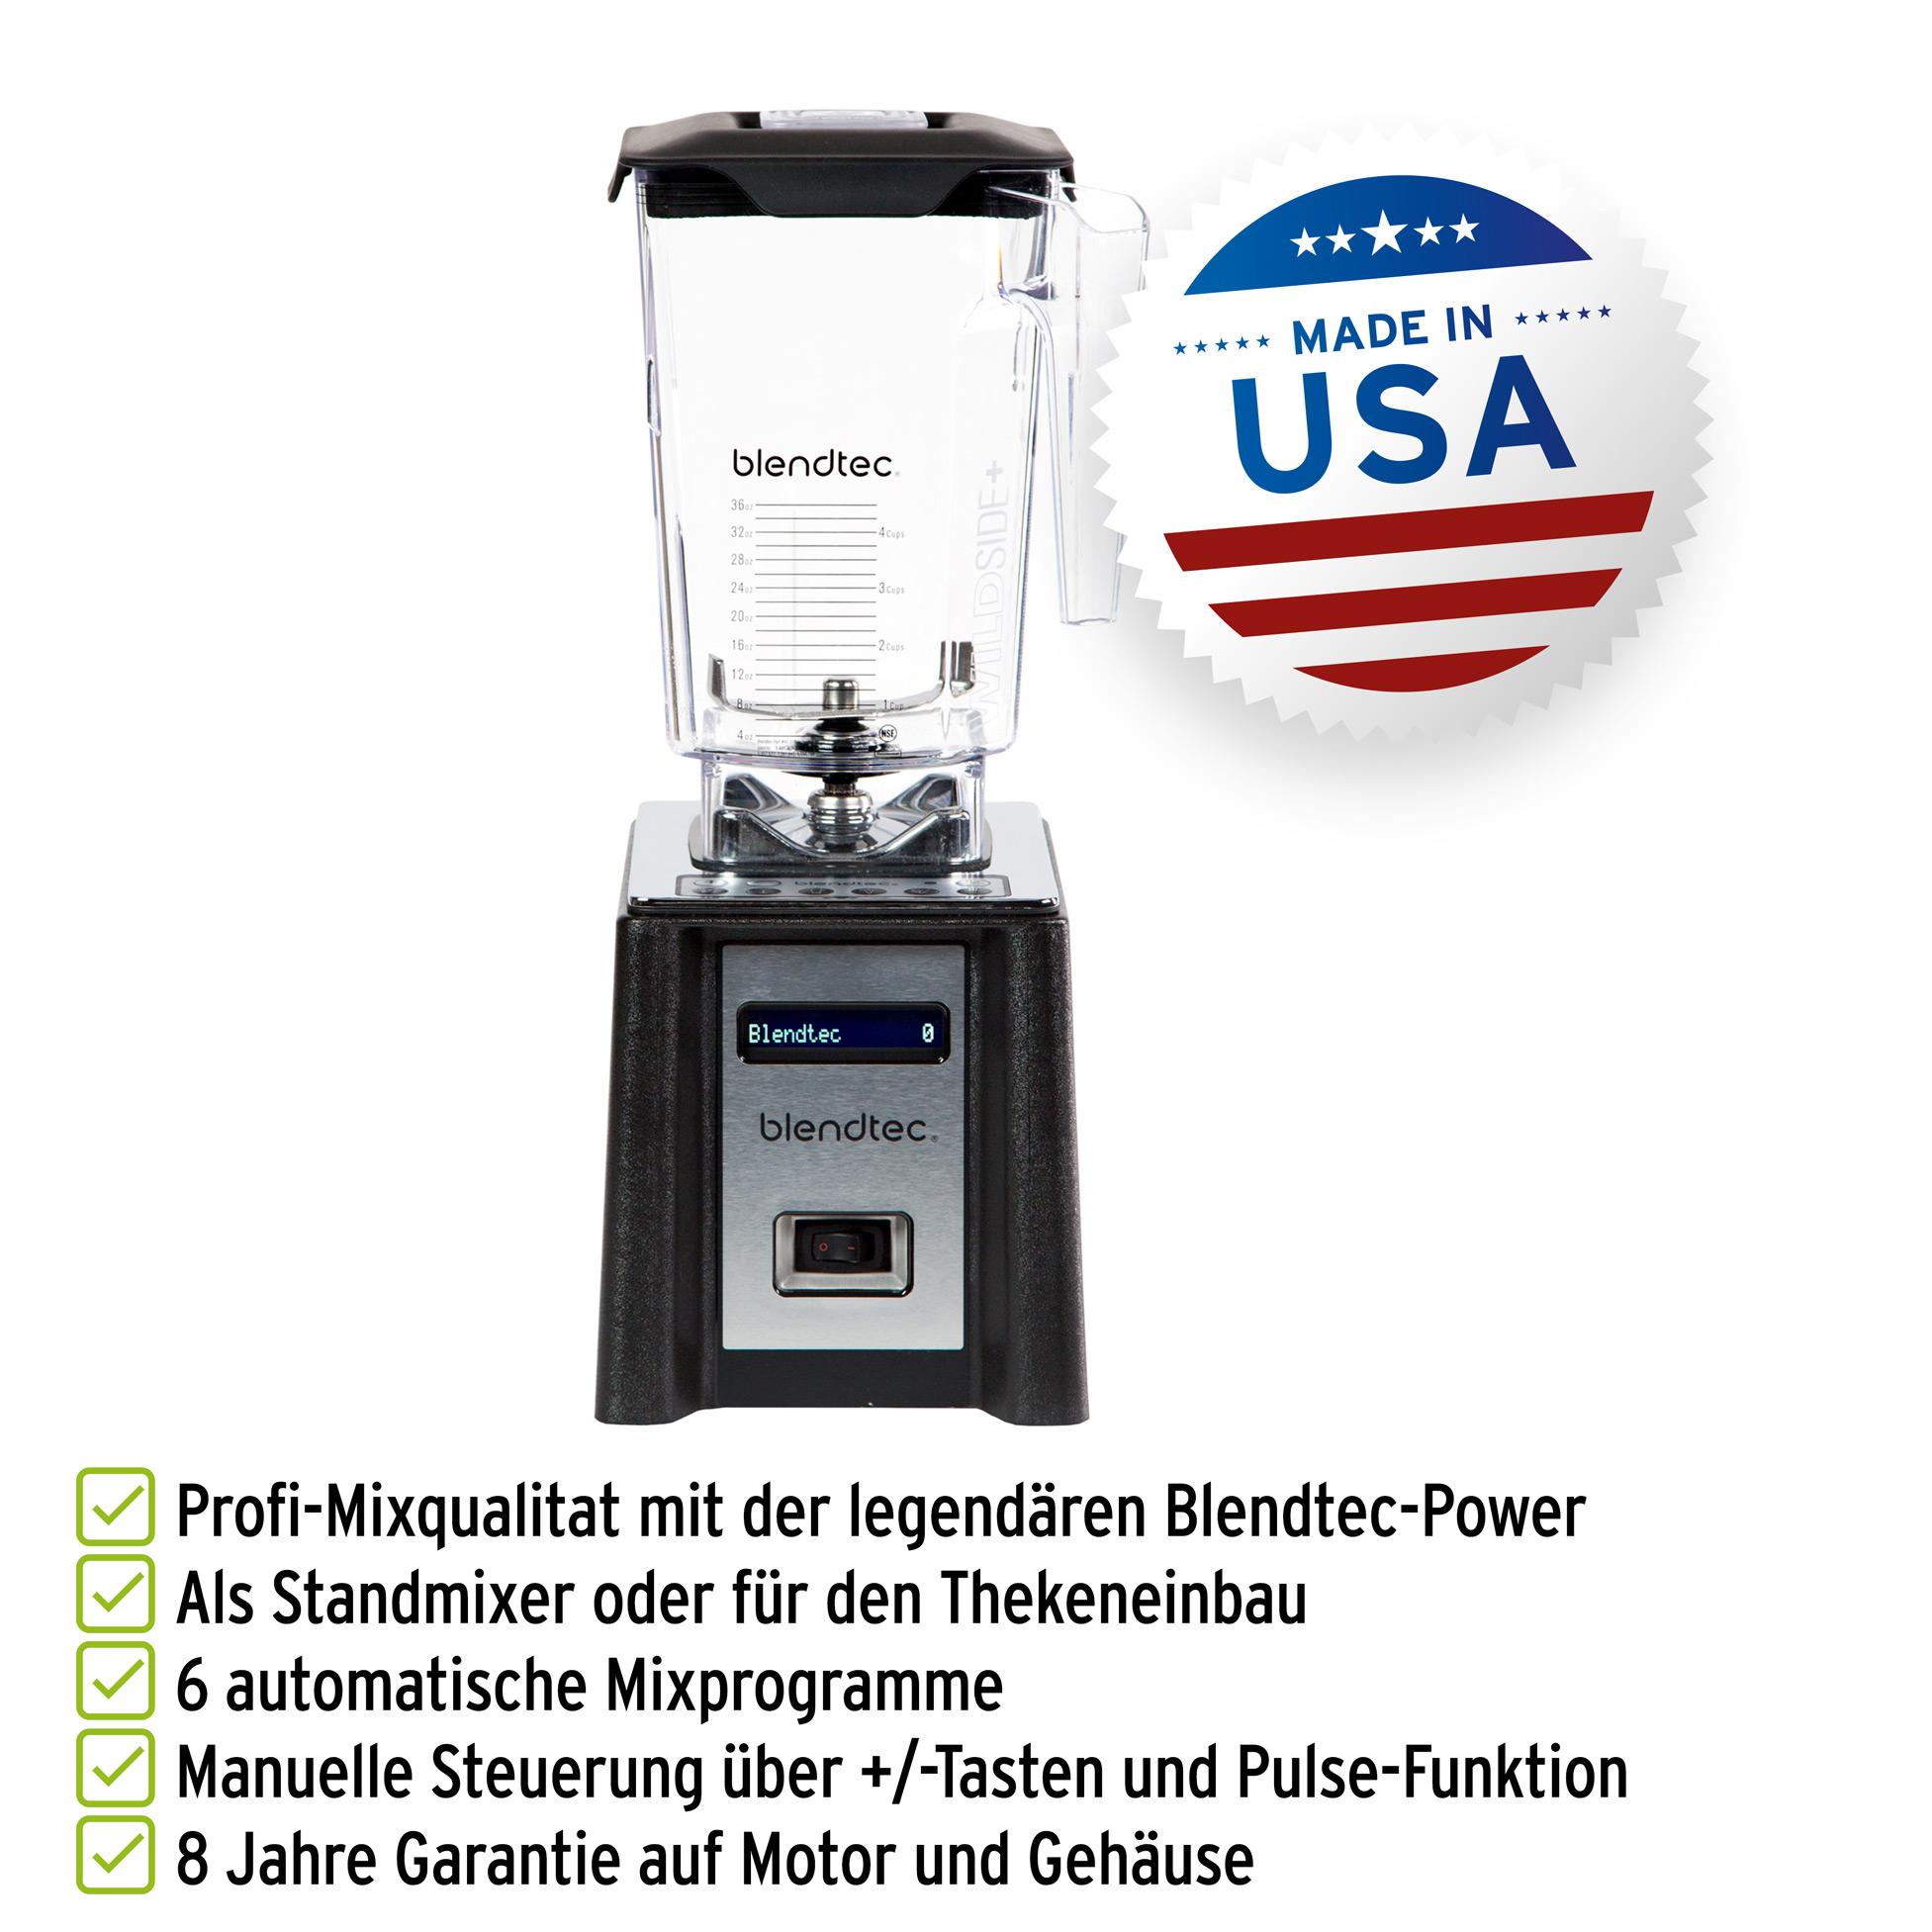 Blendtec Professional 750 Mixer inkl. WildSide+ Behälter